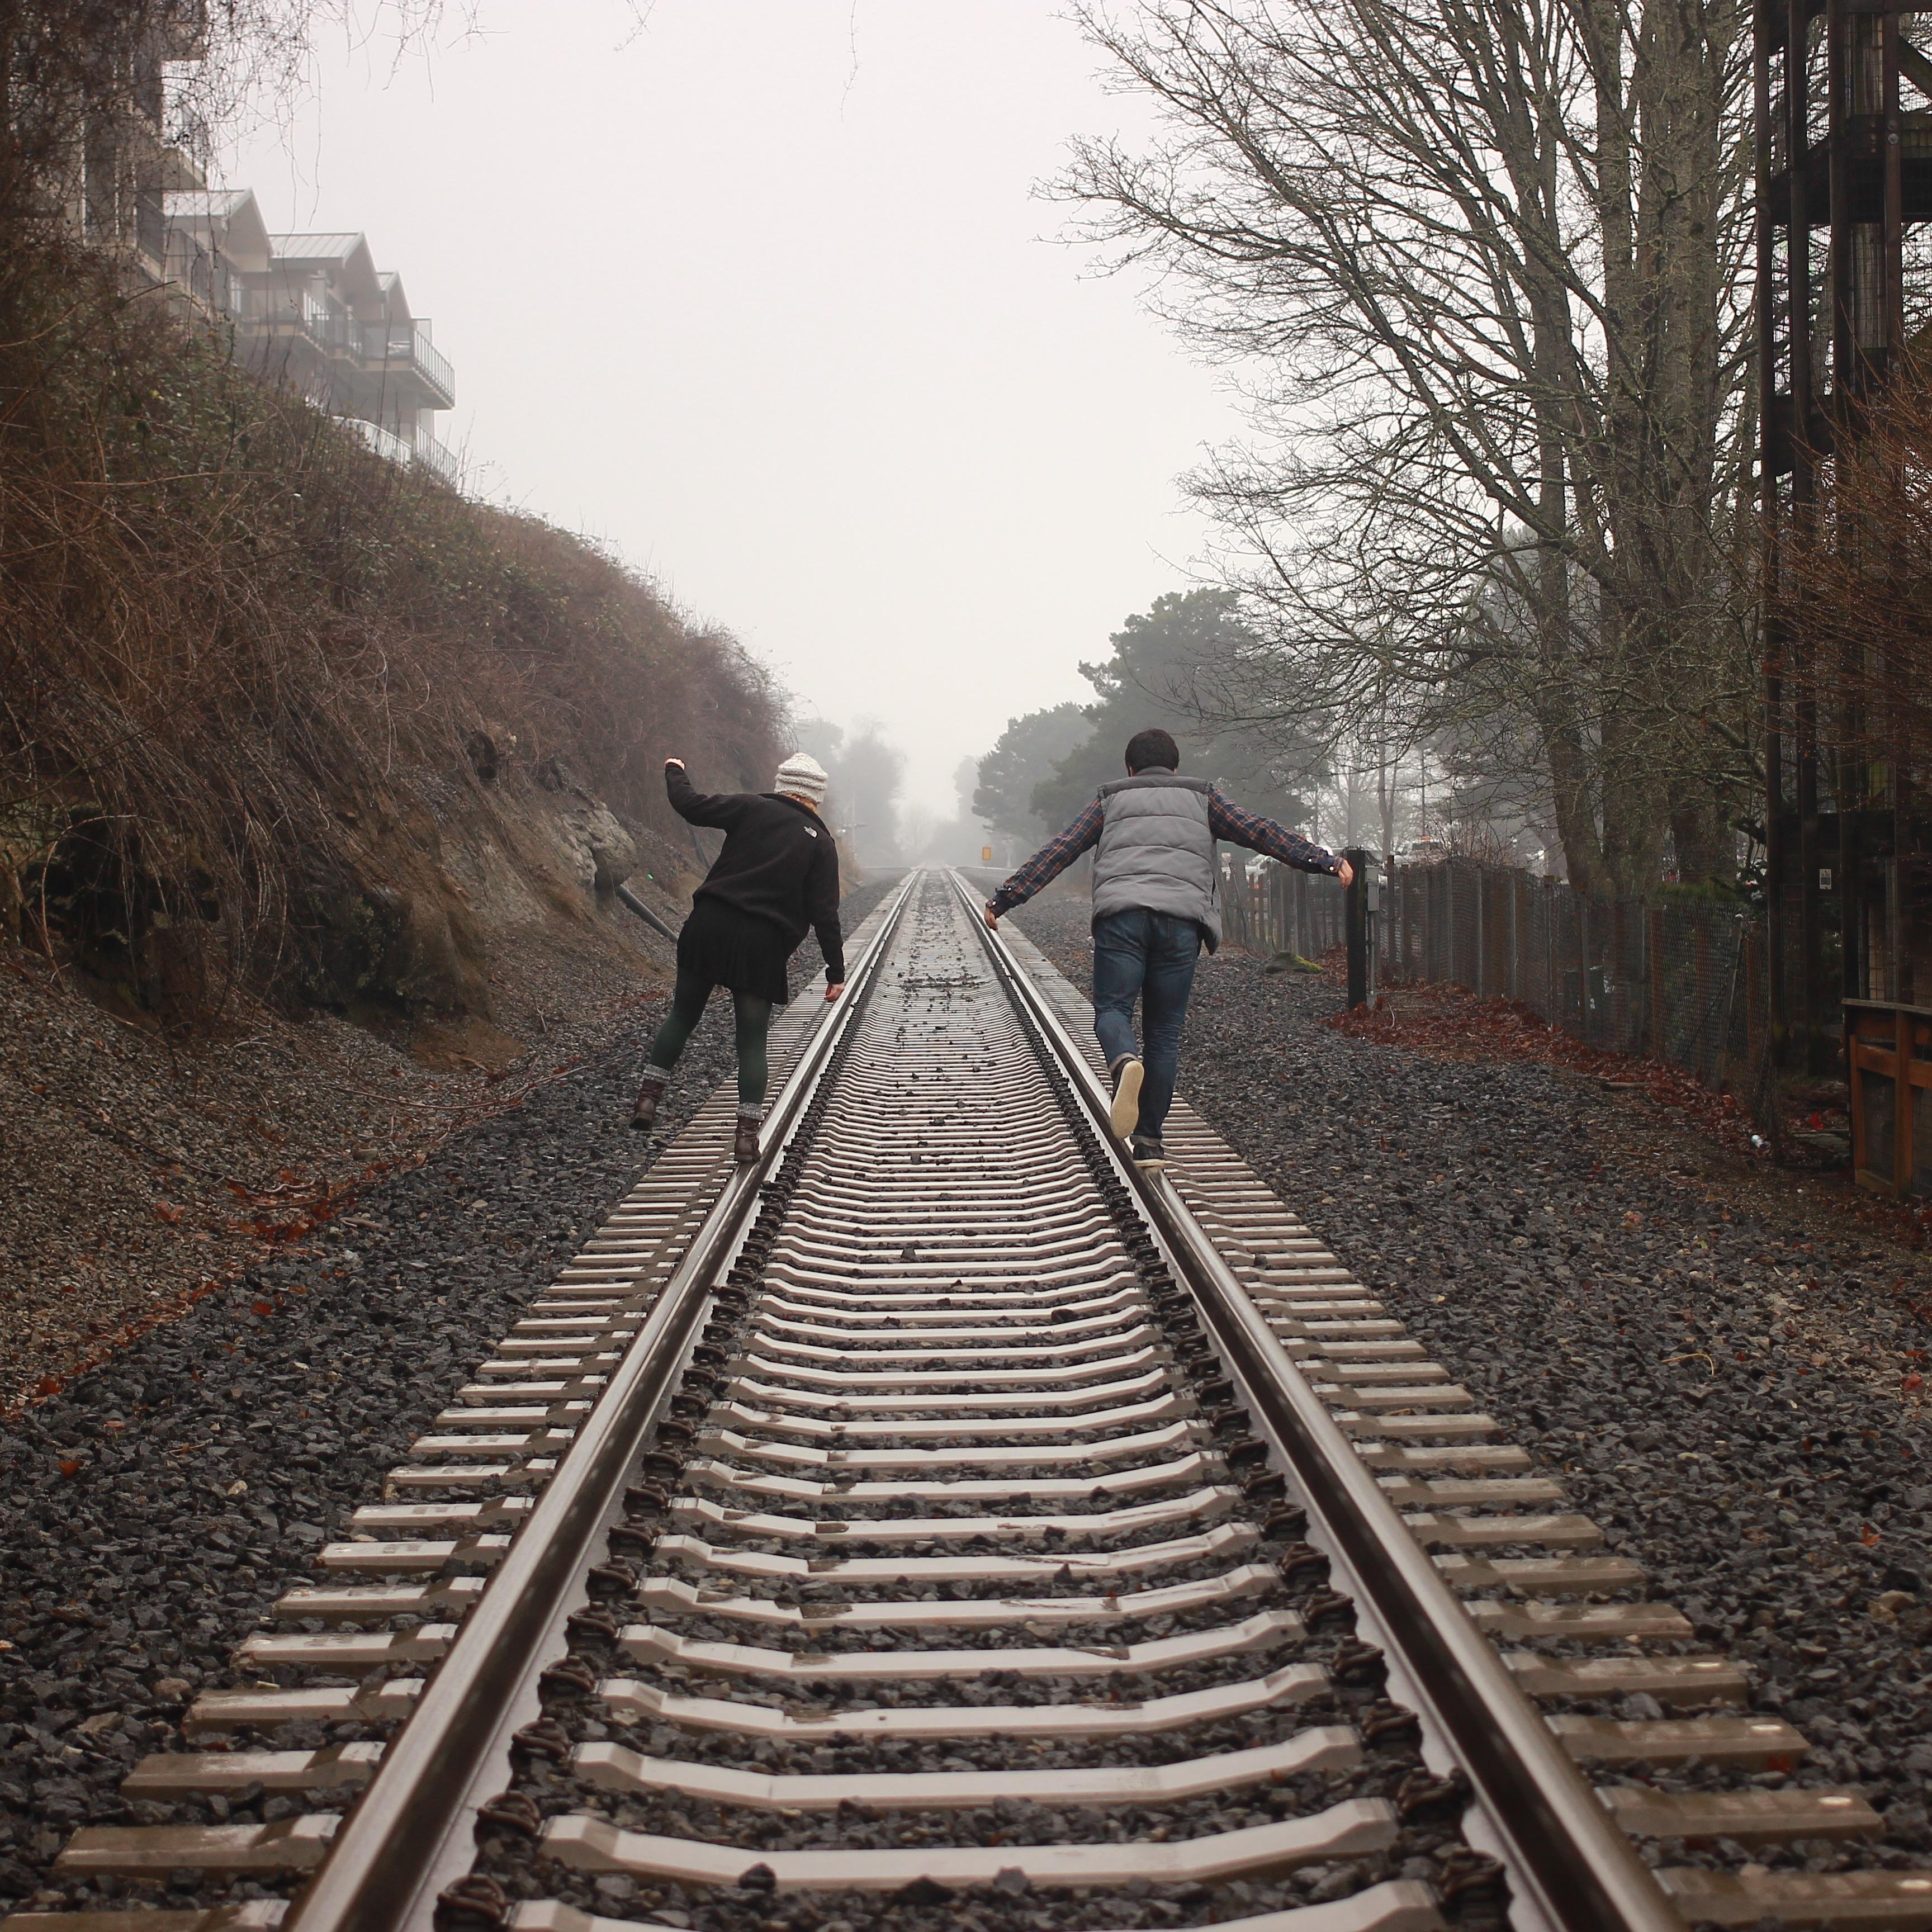 периодически железная дорога и люди картинки дикой природе